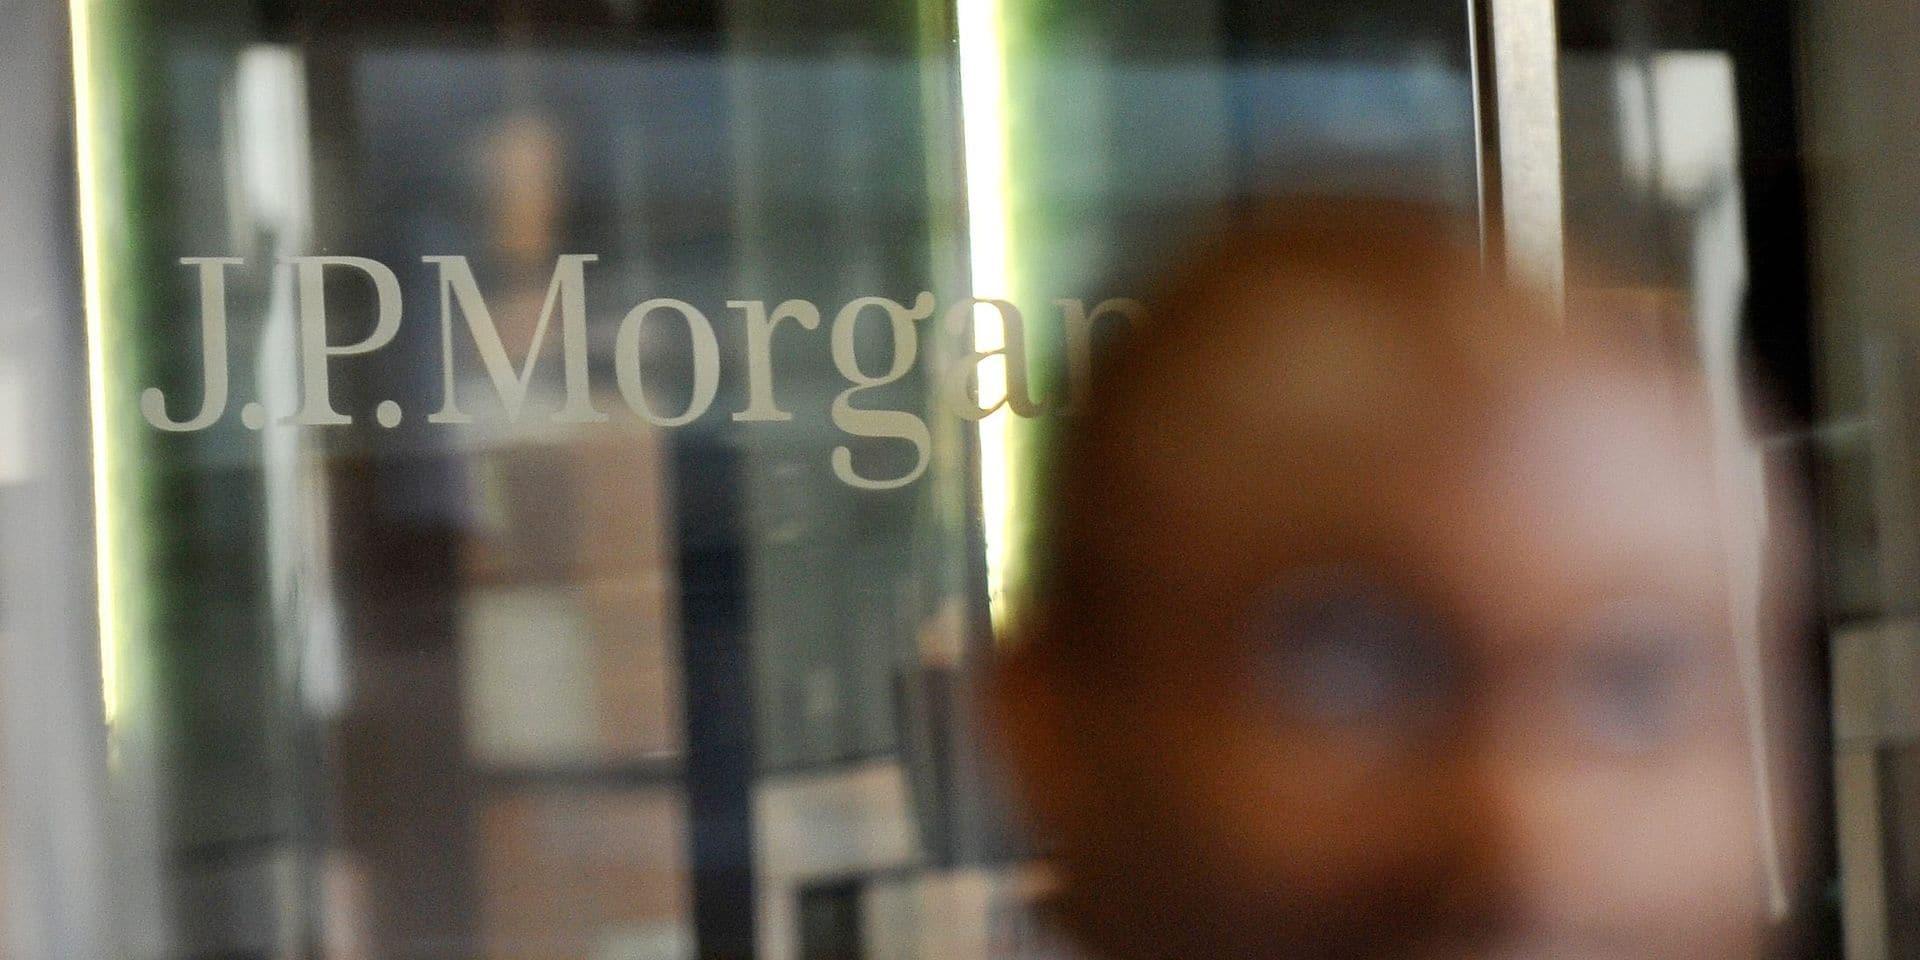 Coronavirus: JPMorgan Chase suspendrait son dividende en cas de récession sévère